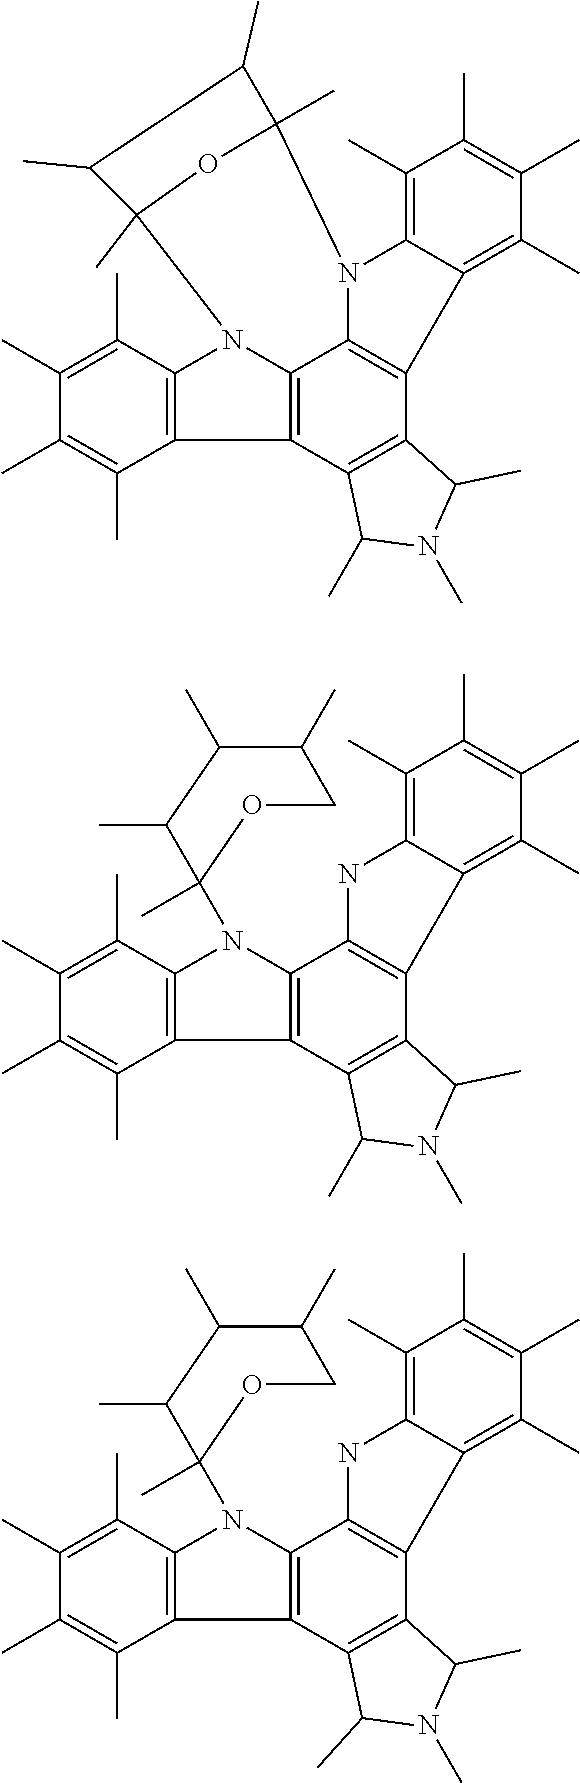 Figure US09283035-20160315-C00002